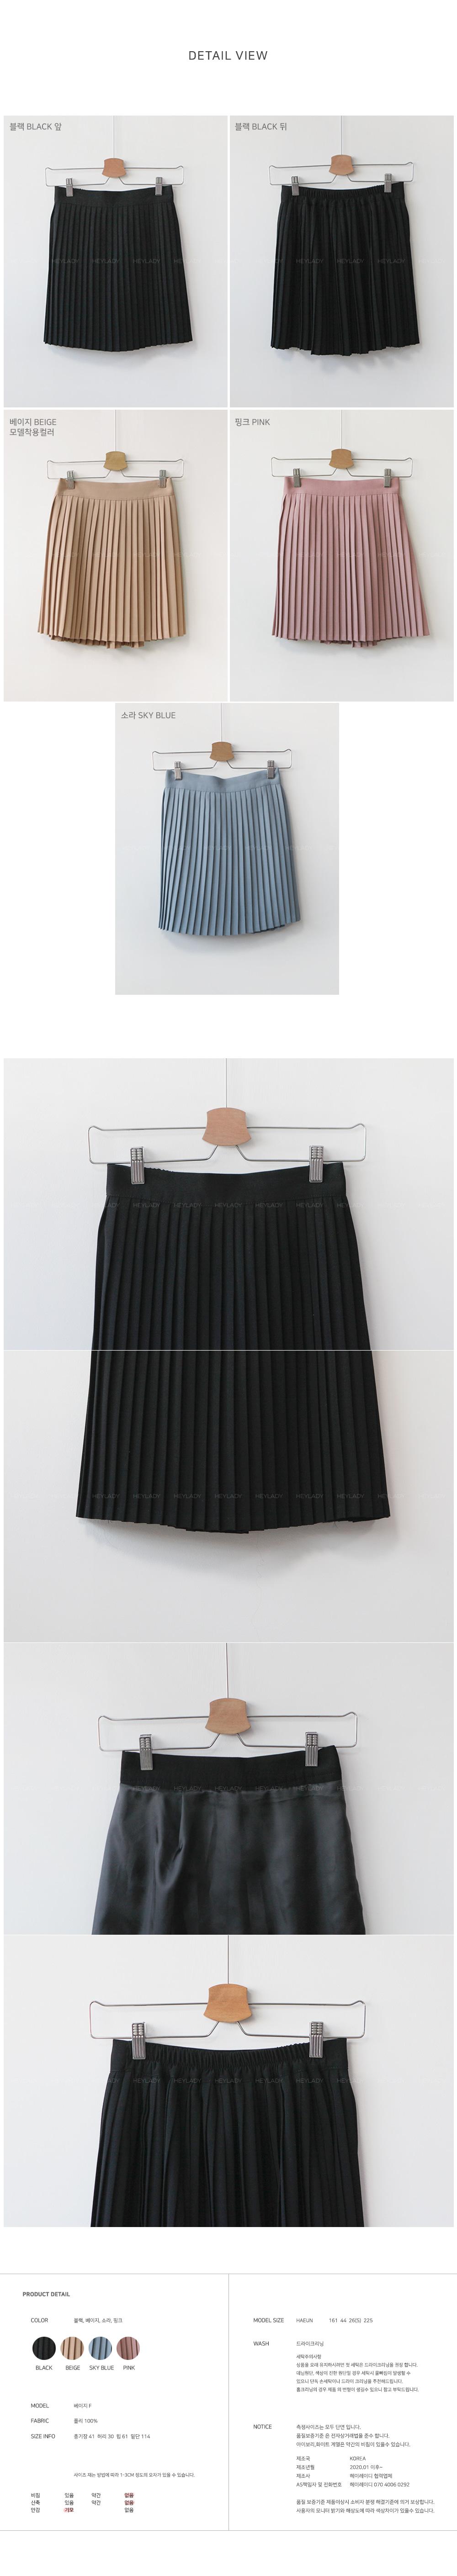 Tami Pleated Skirt